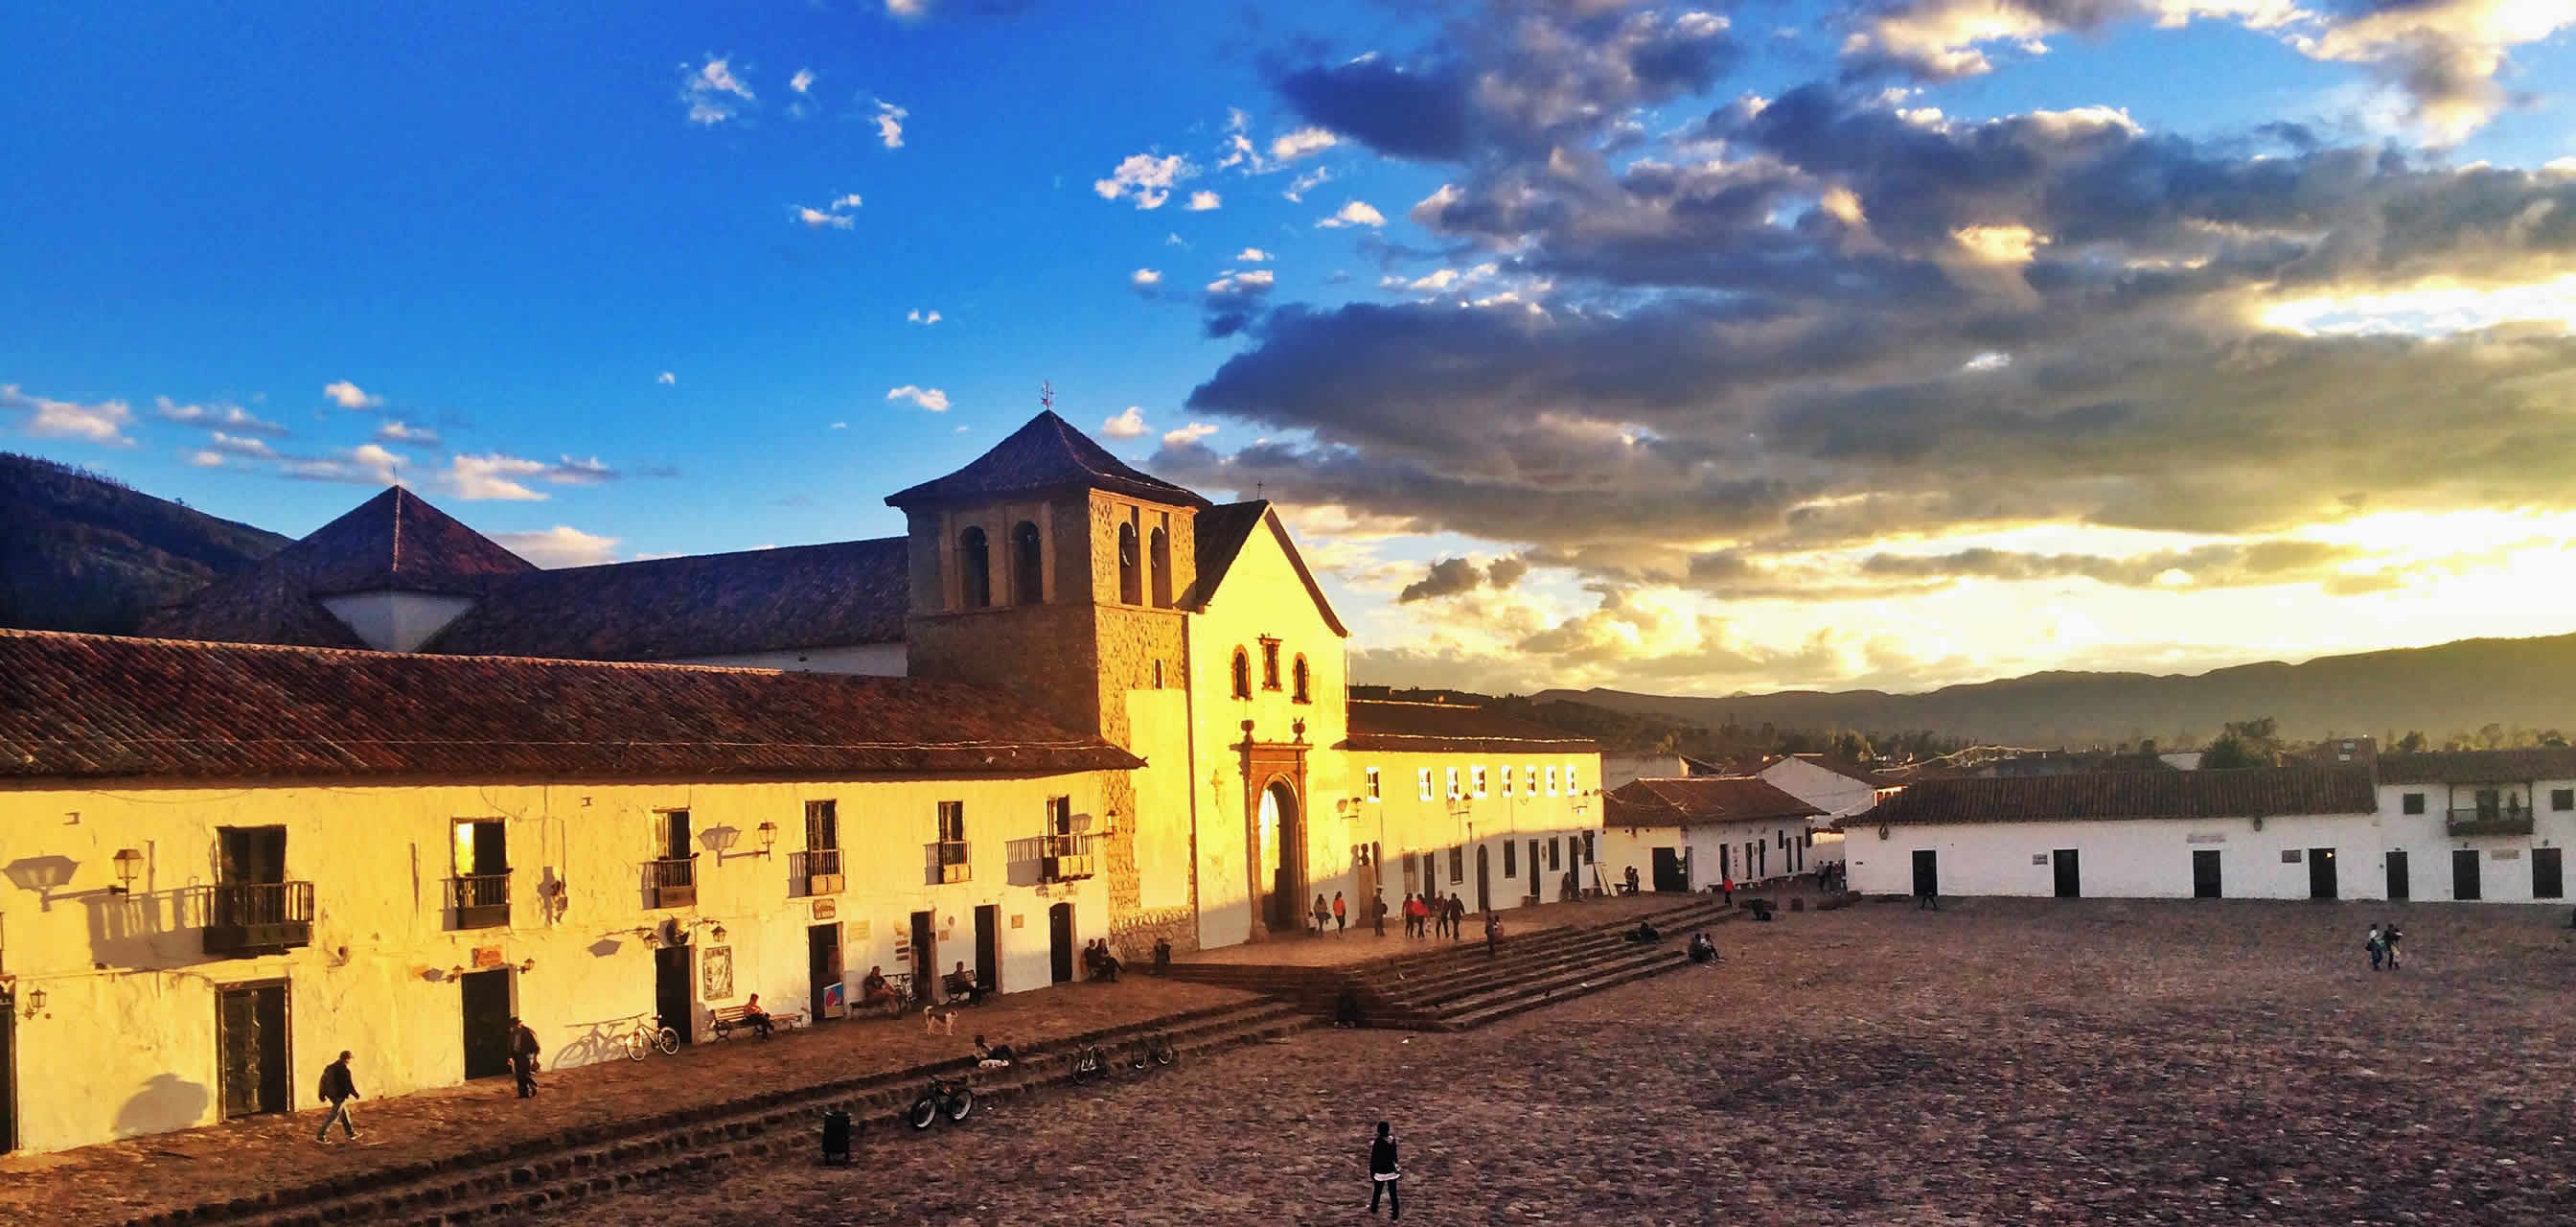 Catedral de Villa de leyva